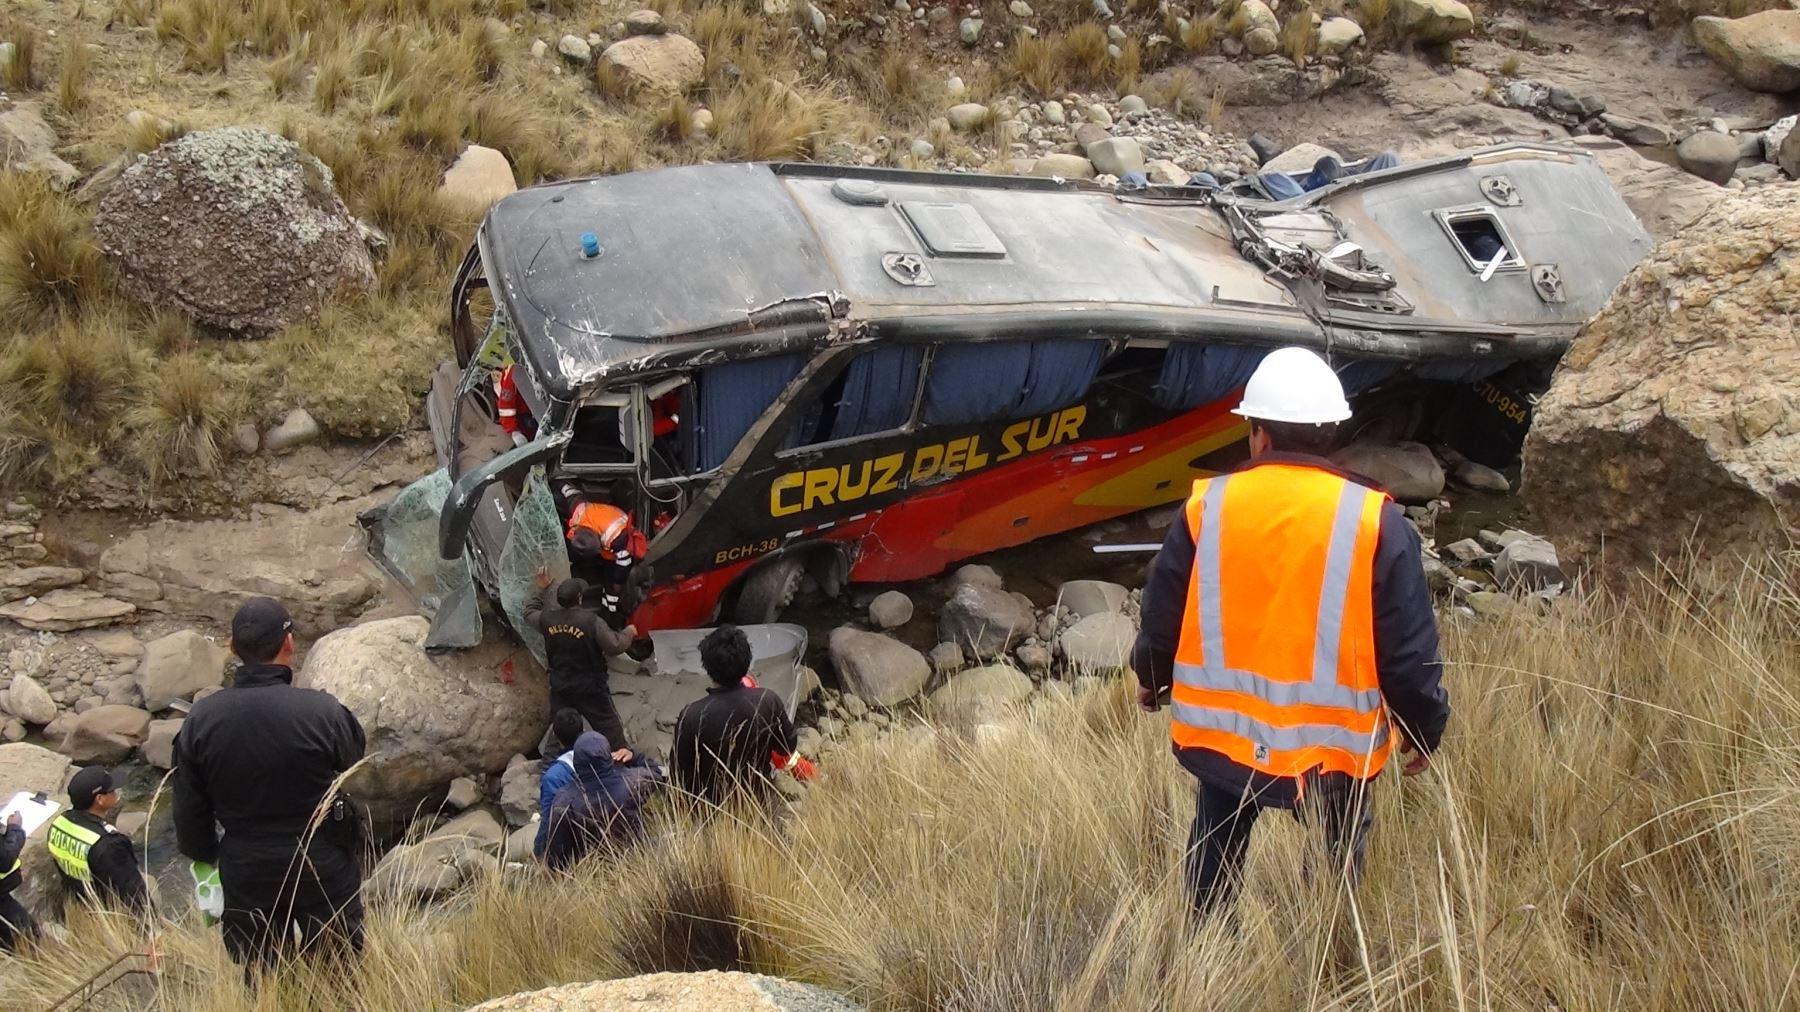 Ómnibus de empres Cruz del Sur se accidentó y cayó a un abismo en La Oroya, región Junín.